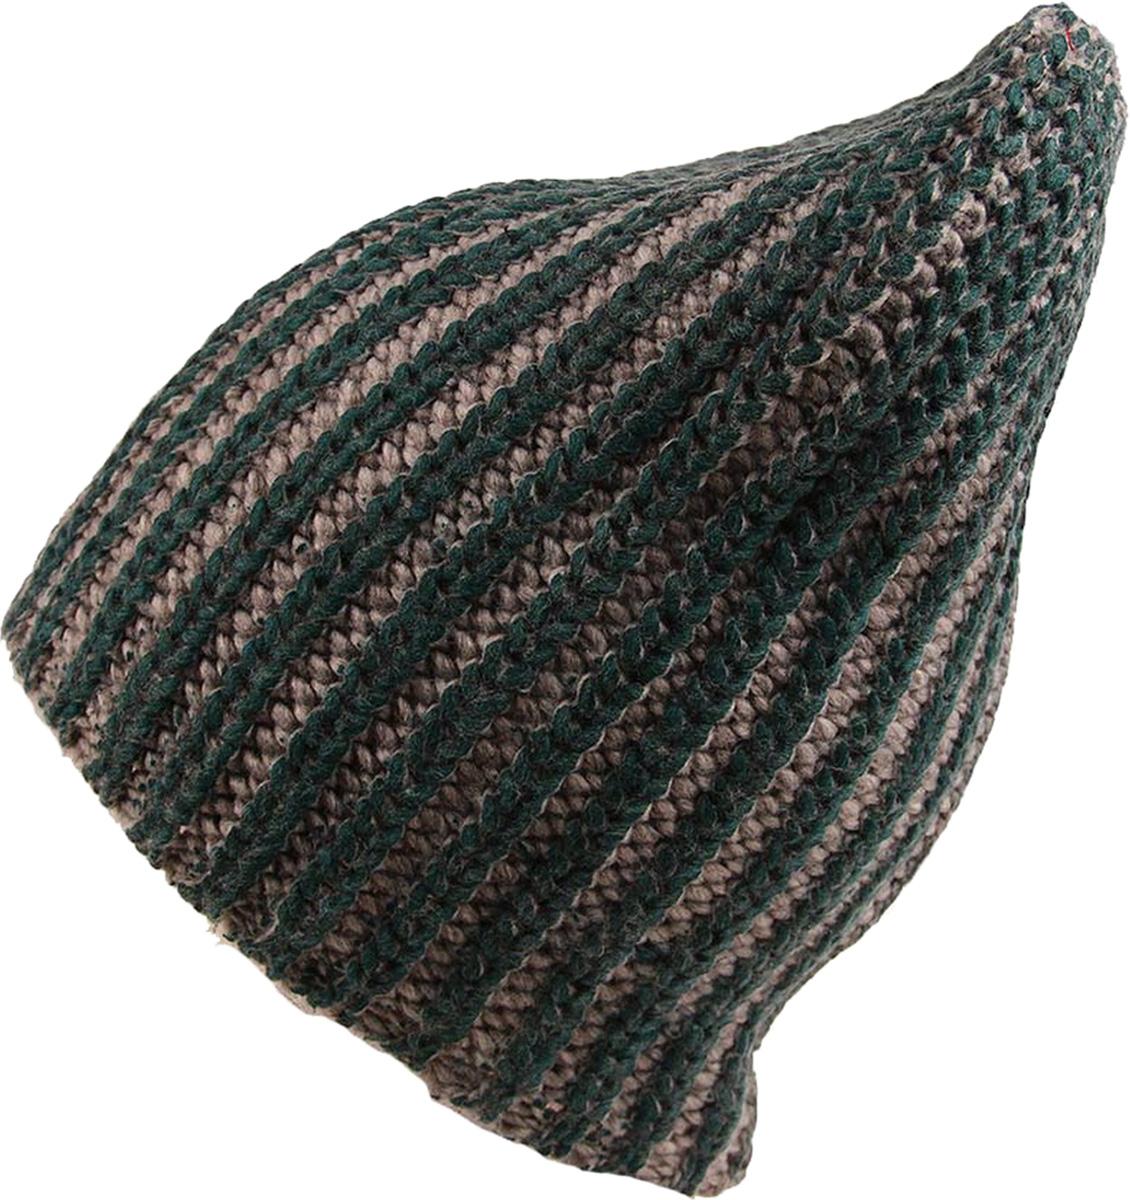 Шапка женская Venera, цвет: оливковый, бежевый. 9806556-14/1. Размер универсальный9806556-14/1 ШапкаСтильная женская шапка Venera, выполненная из комбинированной пряжи, станет отличным дополнением вашего образа в холодную погоду.Шапка Venera отлично дополнит ваш повседневный образ, это универсальный и очень практичный аксессуар.